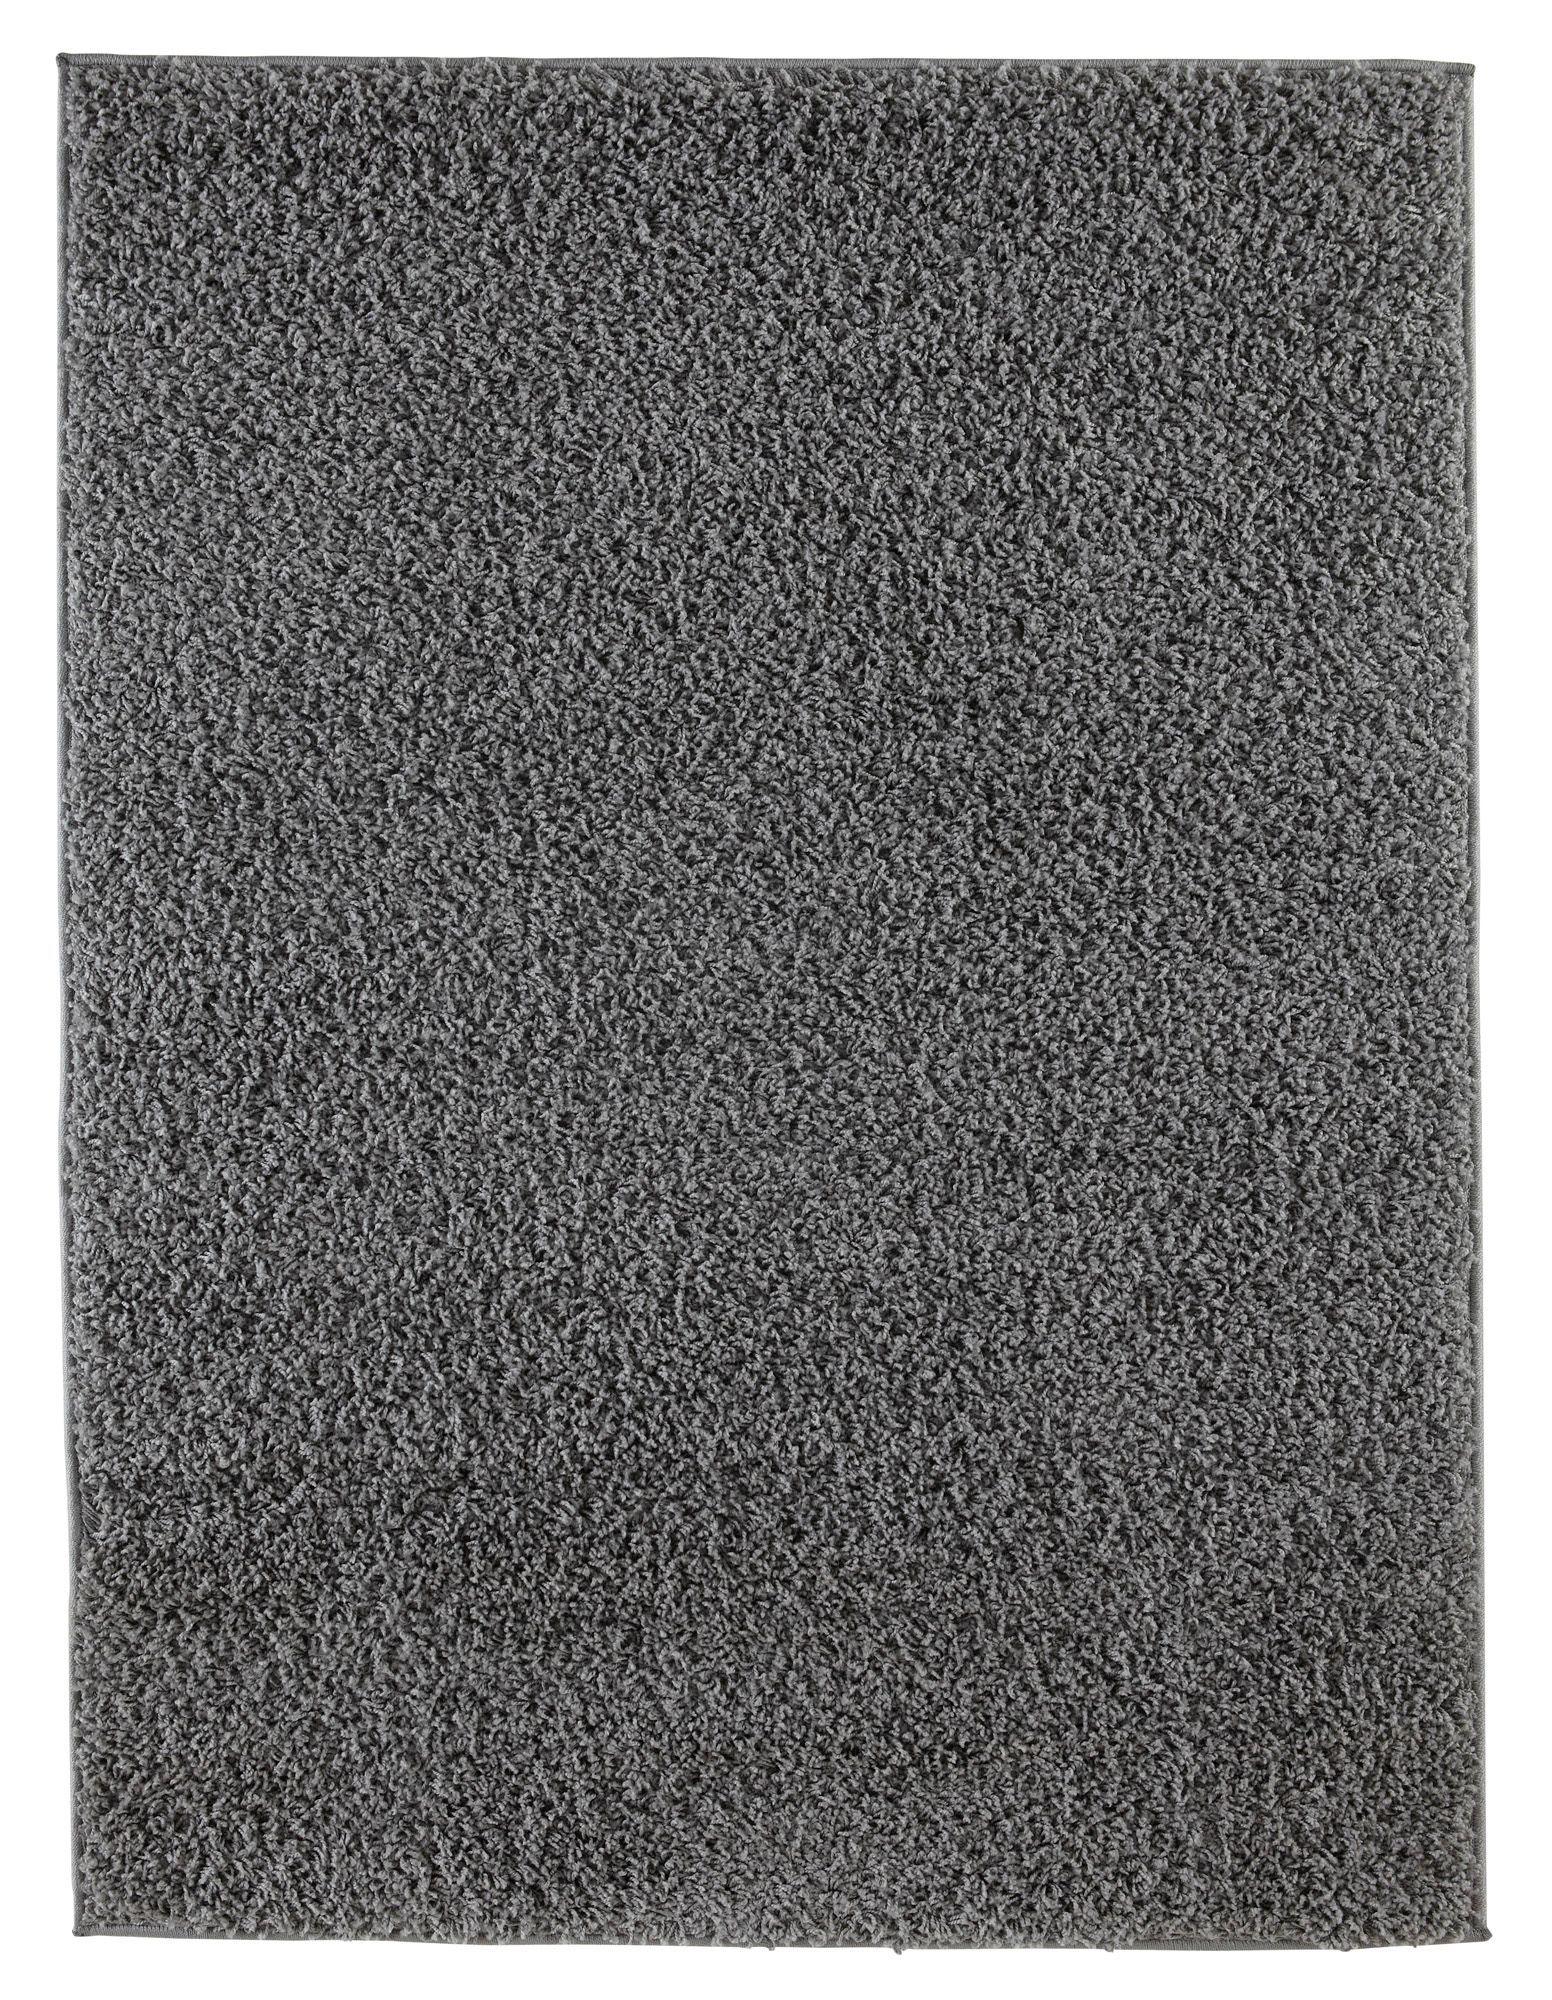 Colours Kala Grey Rug L 1 6m W 2m Departments Diy At B Q